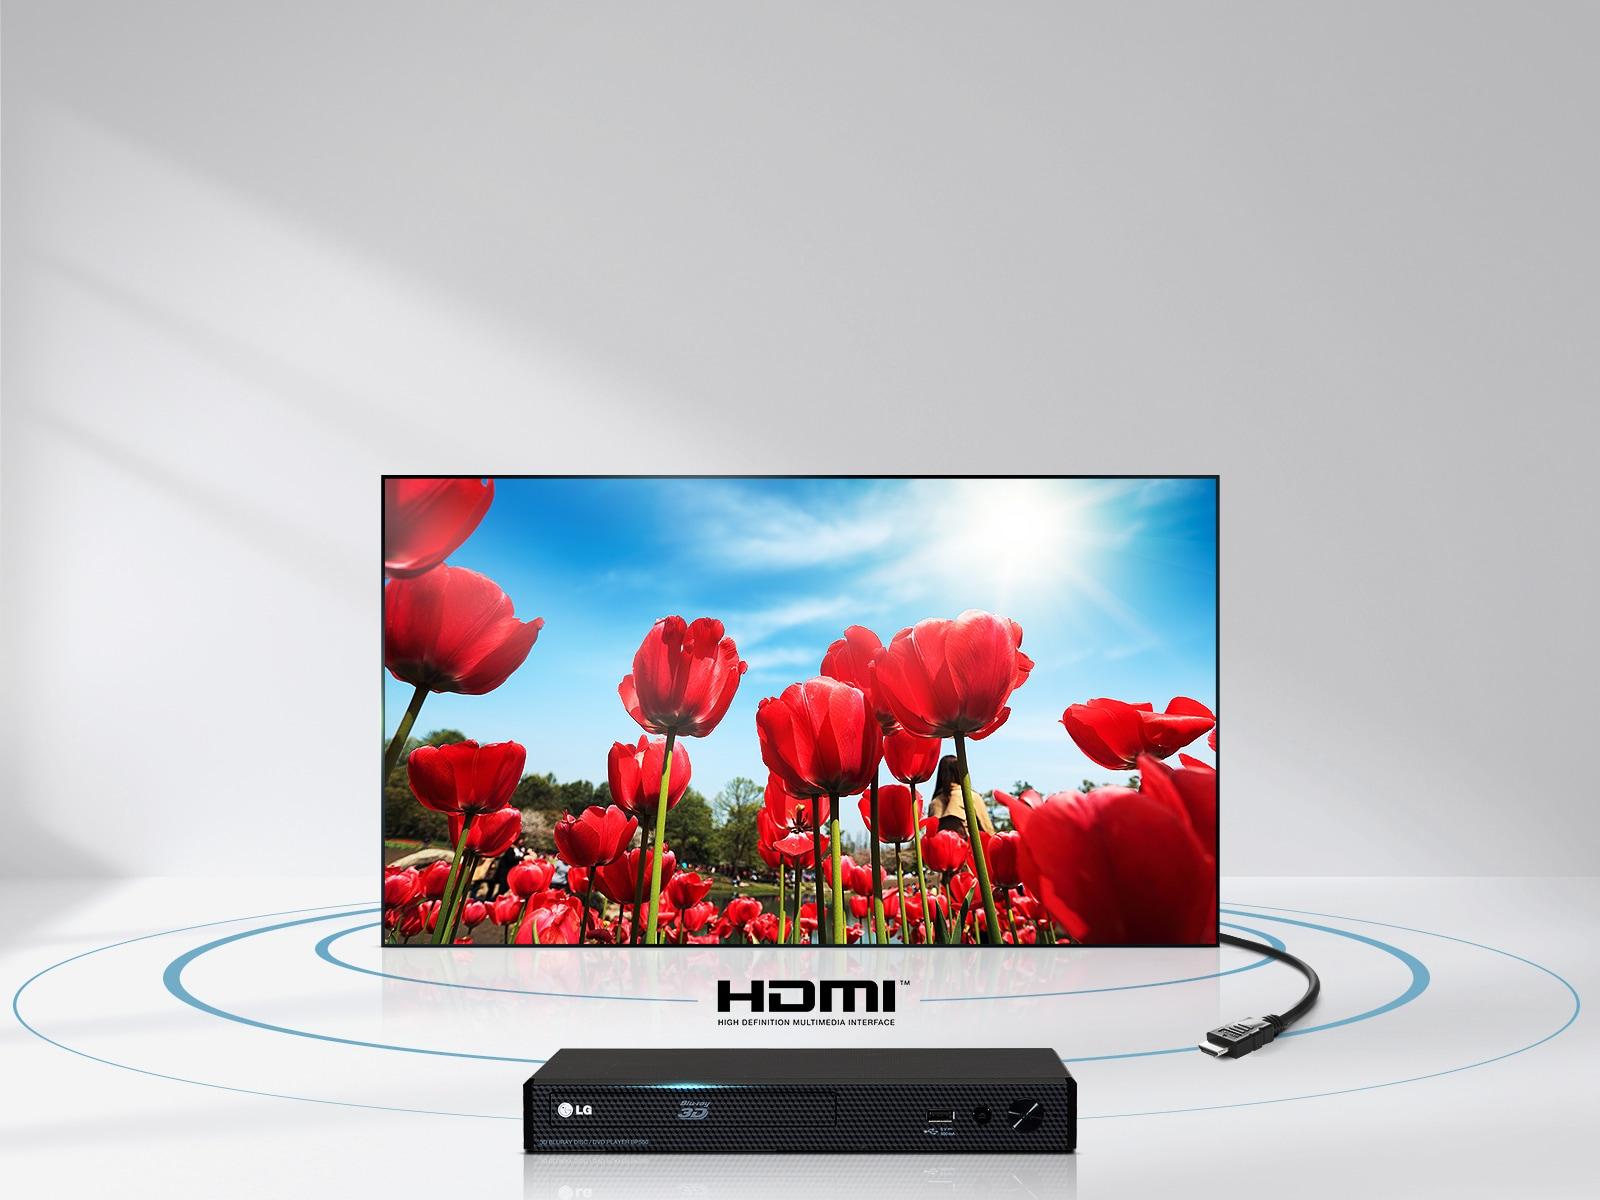 Audio un video atskaņošanai pietiek ar HDMI vadu